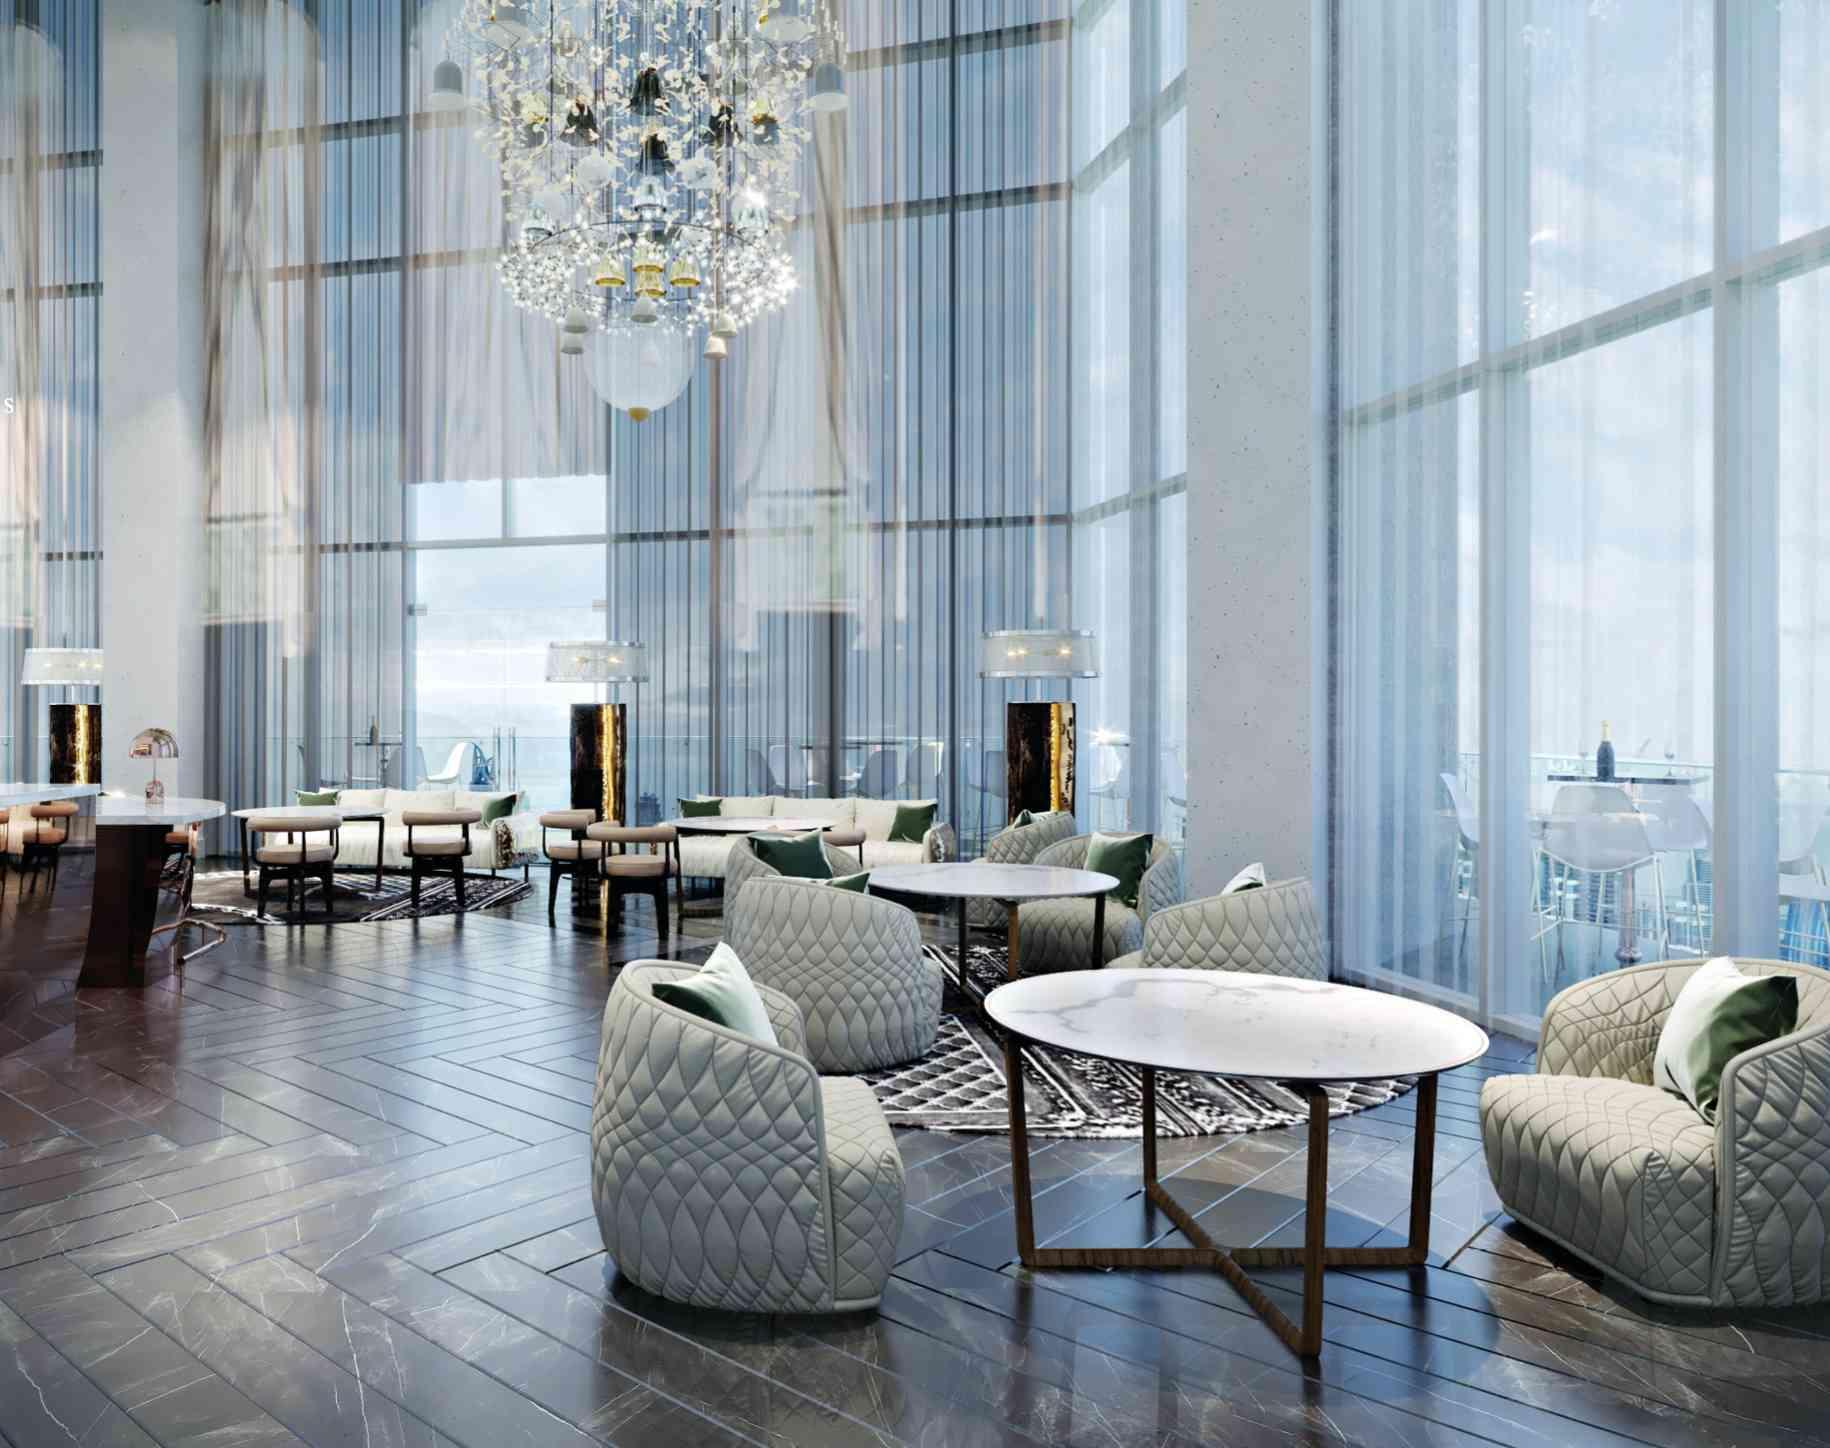 SLS Hotel Dubai - S Bar in the Sky Lobby